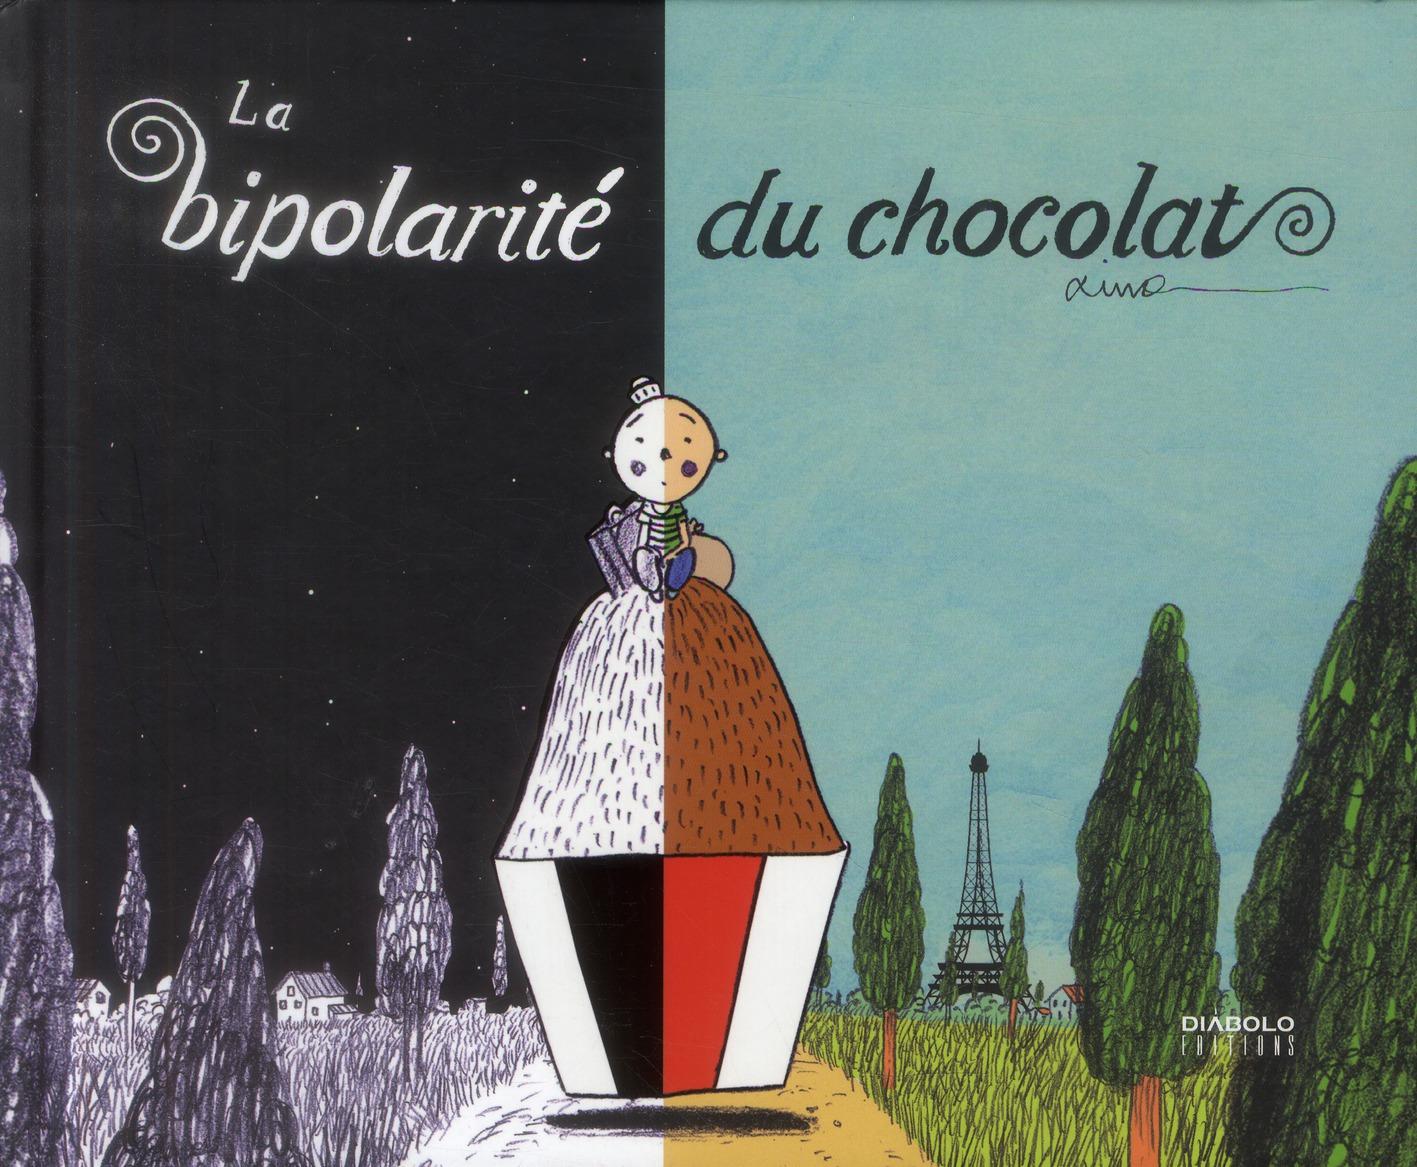 La bipolarité du chocolat